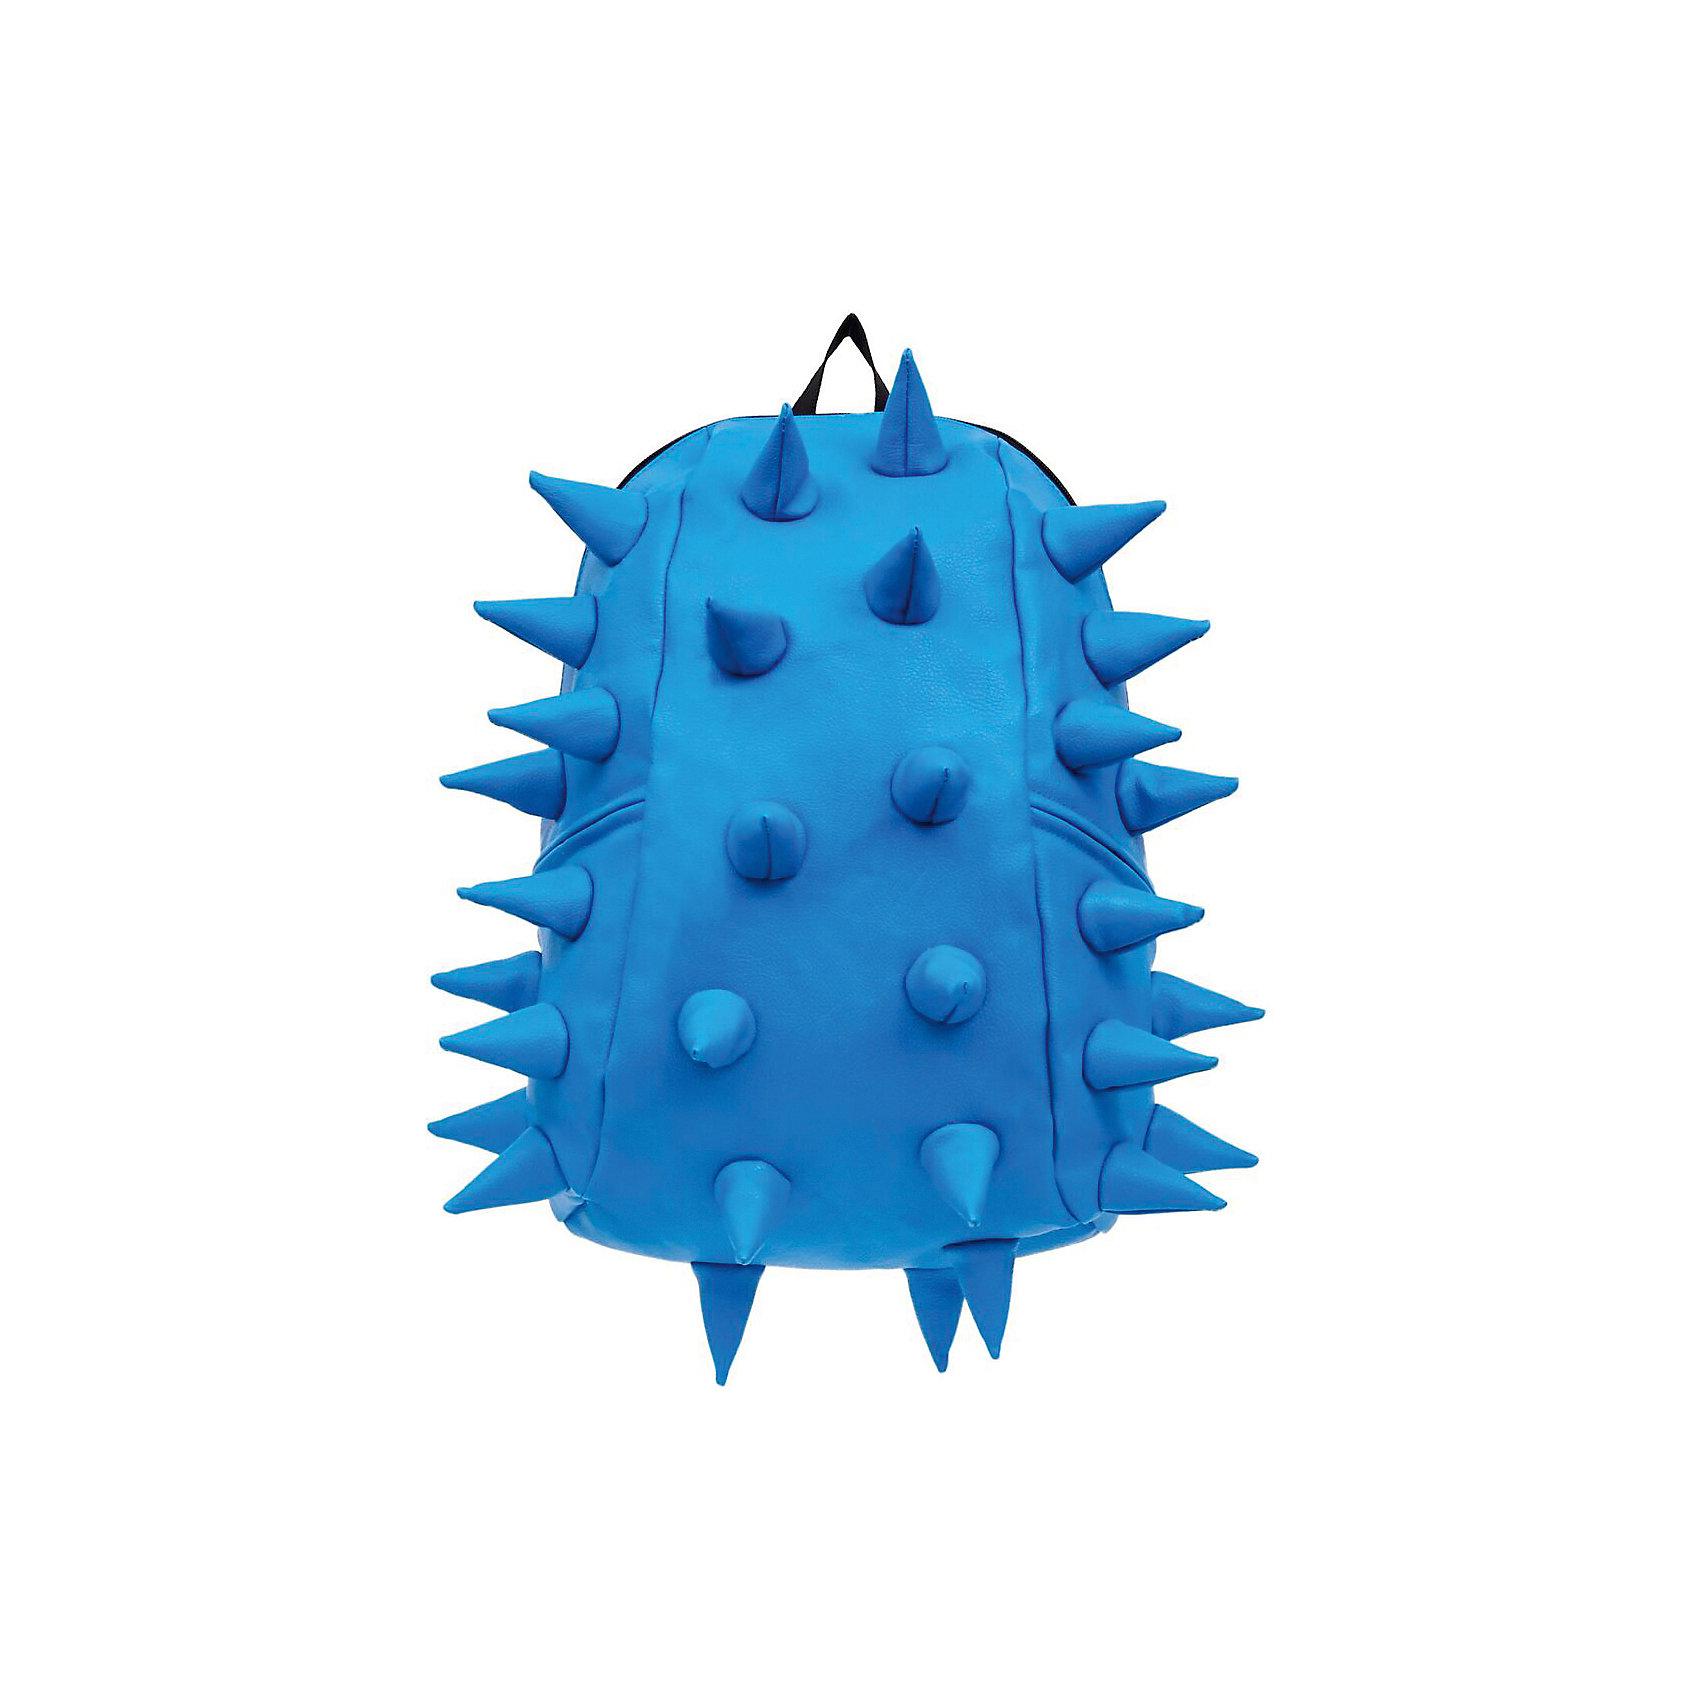 Рюкзак Rex 2 Full, цвет голубойРюкзаки<br>Характеристики товара:<br><br>• цвет: голубой;<br>• возраст: от 5 лет;<br>• вес: 0,8 кг;<br>• размер: 46х35х20 см;<br>• особенности модели: с пузырями;<br>• основное отделение на молнии;<br>• внутренний кармашек на молнии;<br>• мягкие регулируемые по высоте лямки;<br>• спинка имеет ортопедическую форму;<br>• два дополнительных боковых кармана на молнии;<br>• материал: полиуретан;<br>• страна бренда: США;<br>• страна изготовитель: Китай.<br><br>Удобный и стильный рюкзак Madpax Rex 2 Full непременно понравится школьникам. Малый вес рюкзака позволяет ребенку носить с собой все необходимое для учебы, при этом не перегружая позвоночник. <br><br>Мягкие ремни регулируются в зависимости от роста ребенка, несколько отделений, проветриваемая спинка и дополнительные карманы делают рюкзак максимально комфортным. <br><br>Рюкзак «Rex 2 Full» можно купить в нашем интернет-магазине.<br><br>Ширина мм: 460<br>Глубина мм: 350<br>Высота мм: 200<br>Вес г: 800<br>Возраст от месяцев: 60<br>Возраст до месяцев: 720<br>Пол: Унисекс<br>Возраст: Детский<br>SKU: 7054063